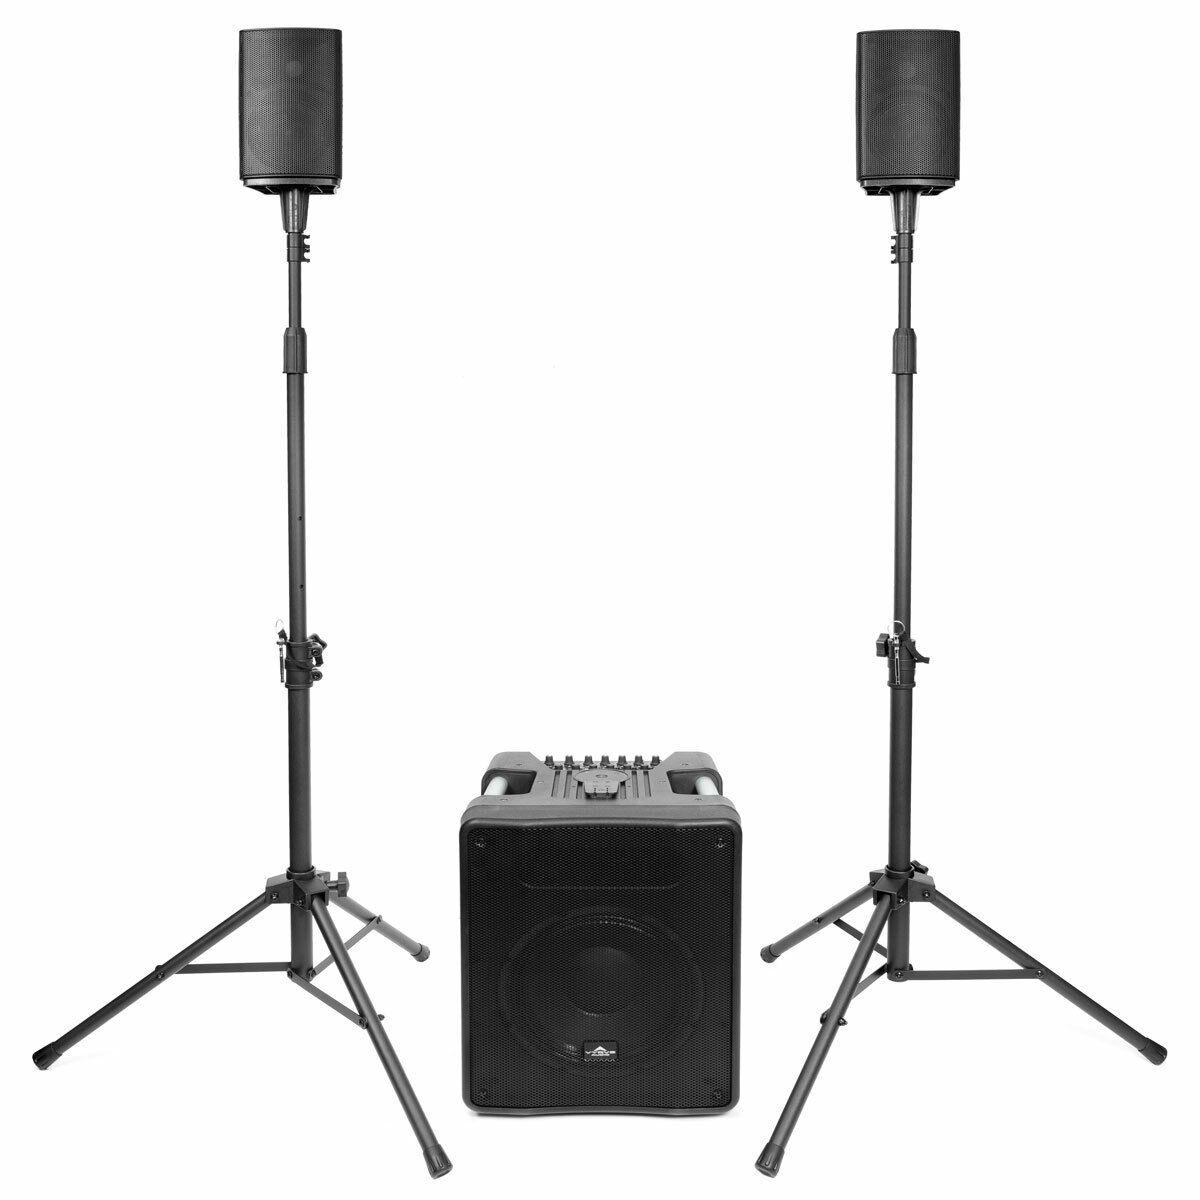 Vyrve Bolero Kompakt-PA-System inkl. Mixer und Boxen-Stative